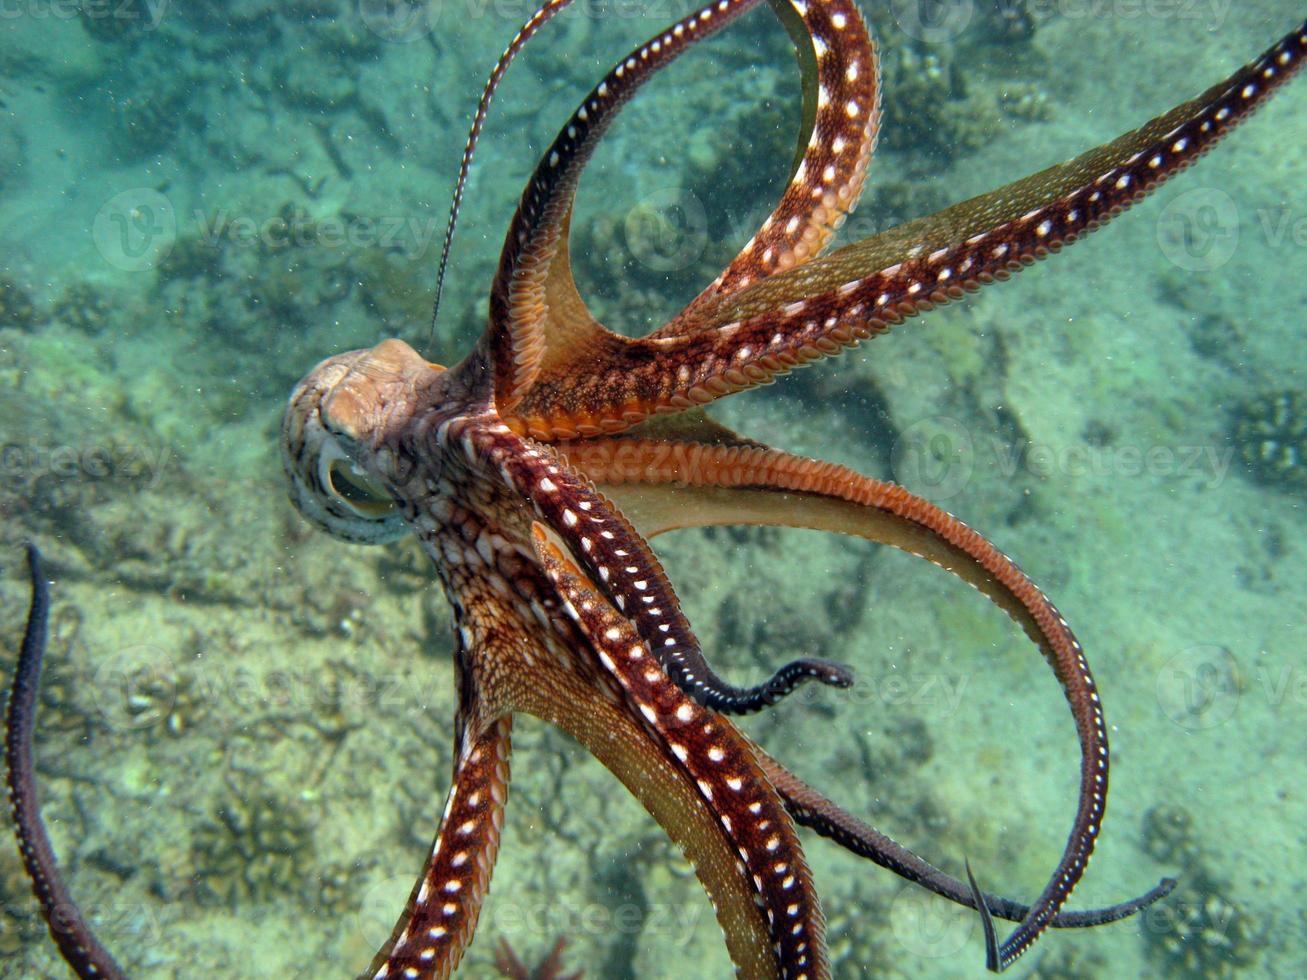 Kraken entkommen foto